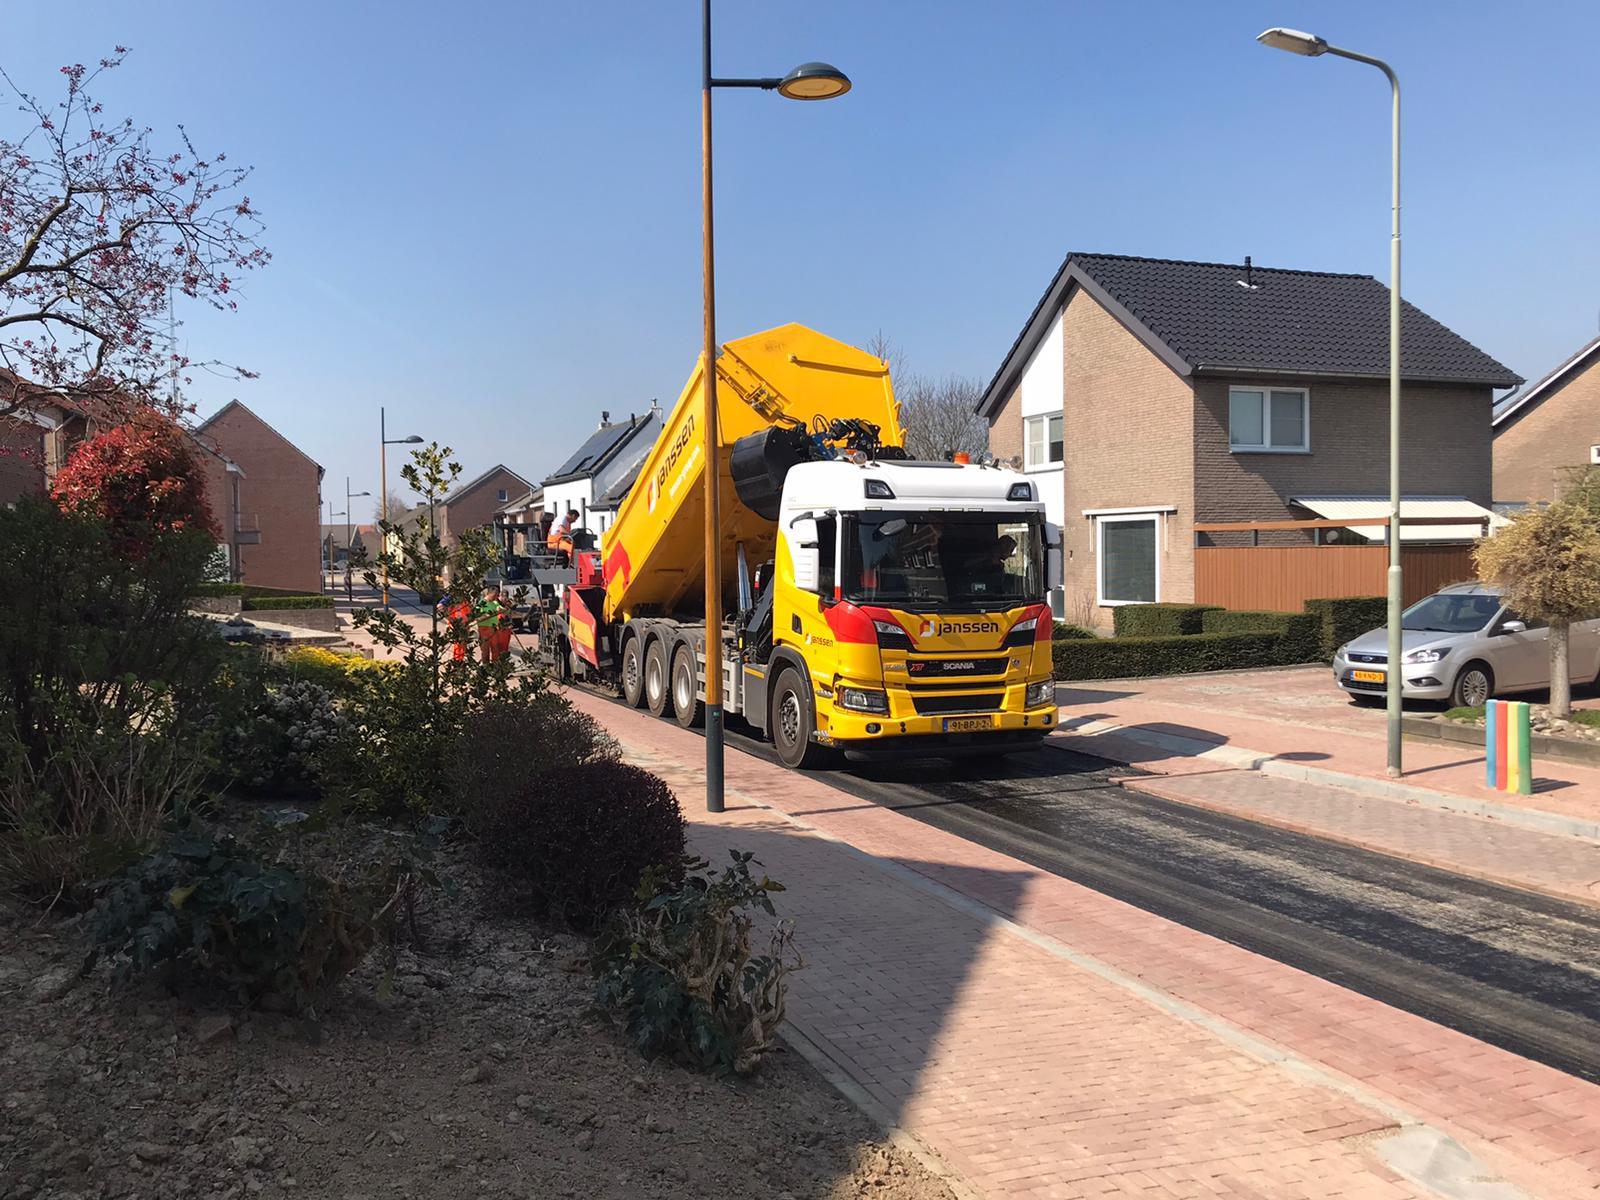 Van-APK-Wegenbouw-hebben-wij-het-meerjarig-contract-gegund-gekregen-voor-het-asfalttransport-en-het-vervoer-van-hun-asfaltsets-nieuwe-Scania-8x4-kraanauto-met-dieplader-en-de-nie-7